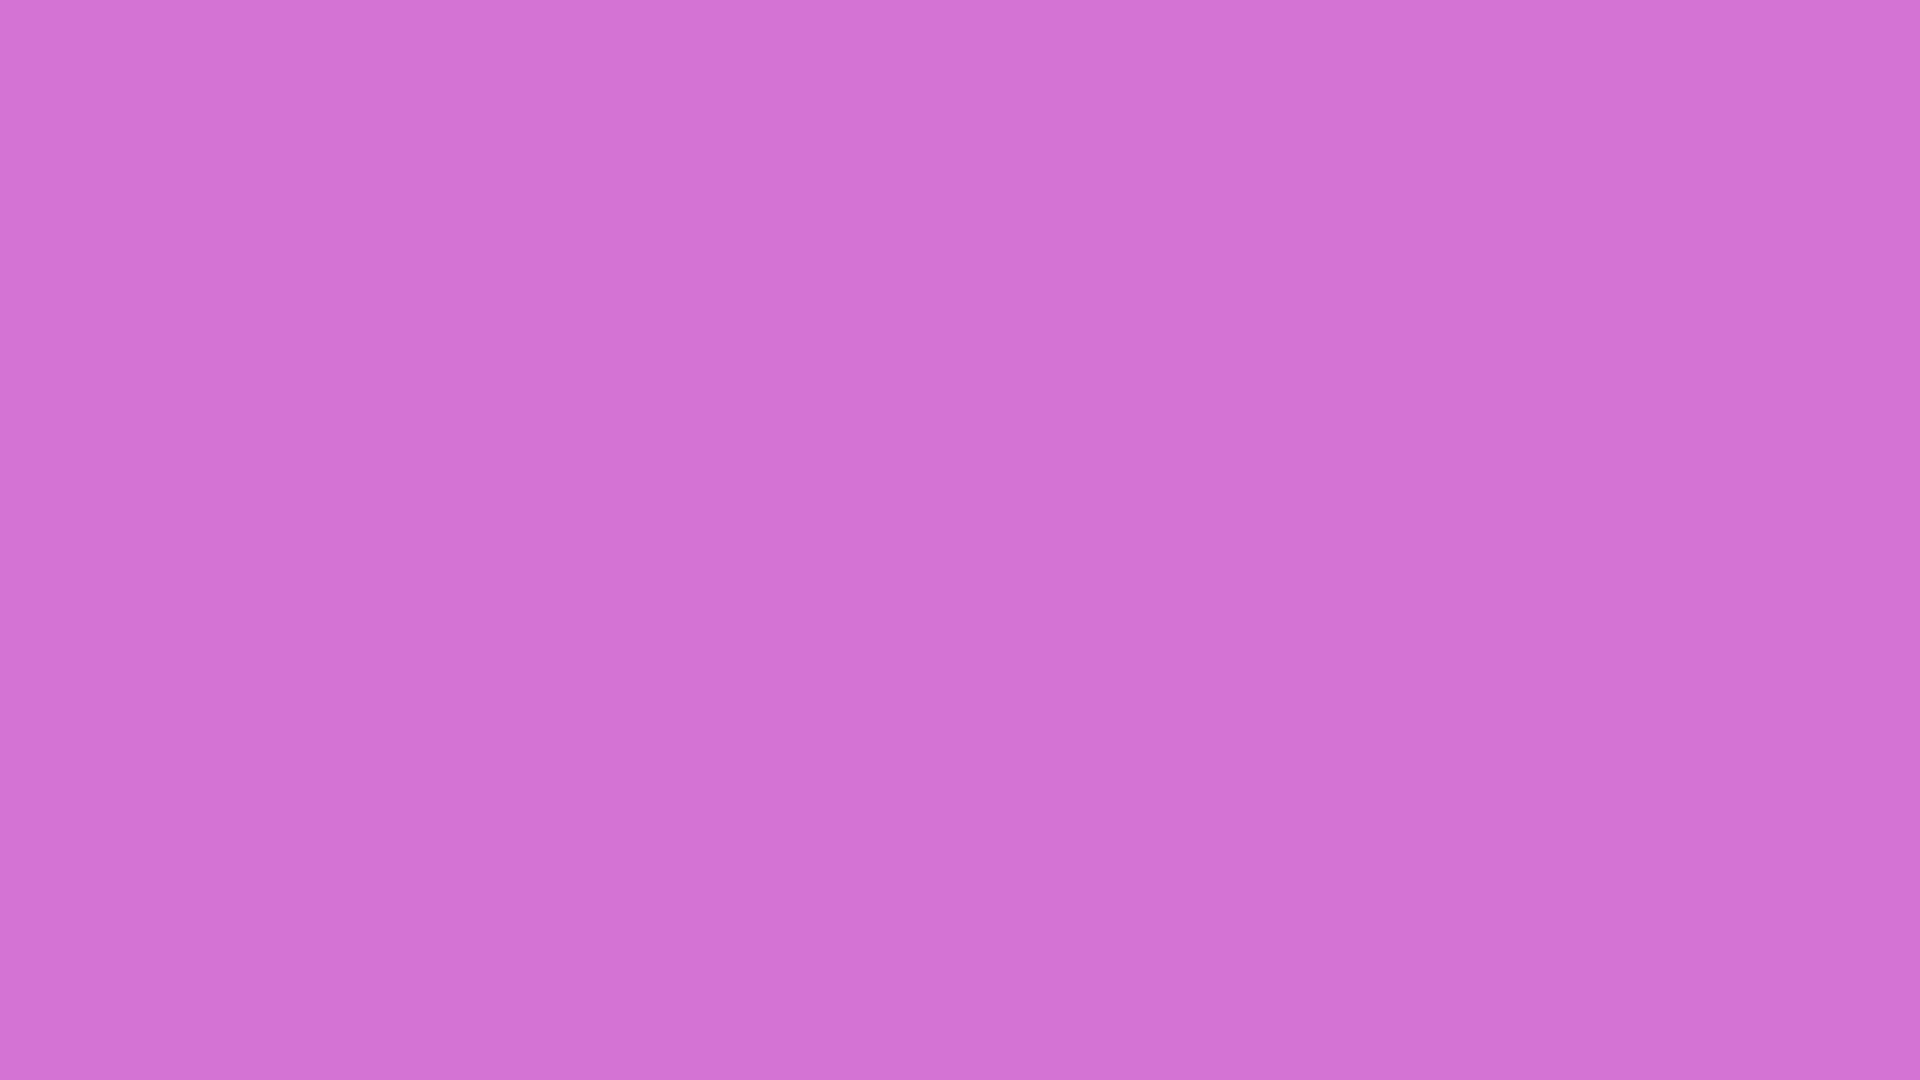 1920x1080 Deep Mauve Solid Color Background